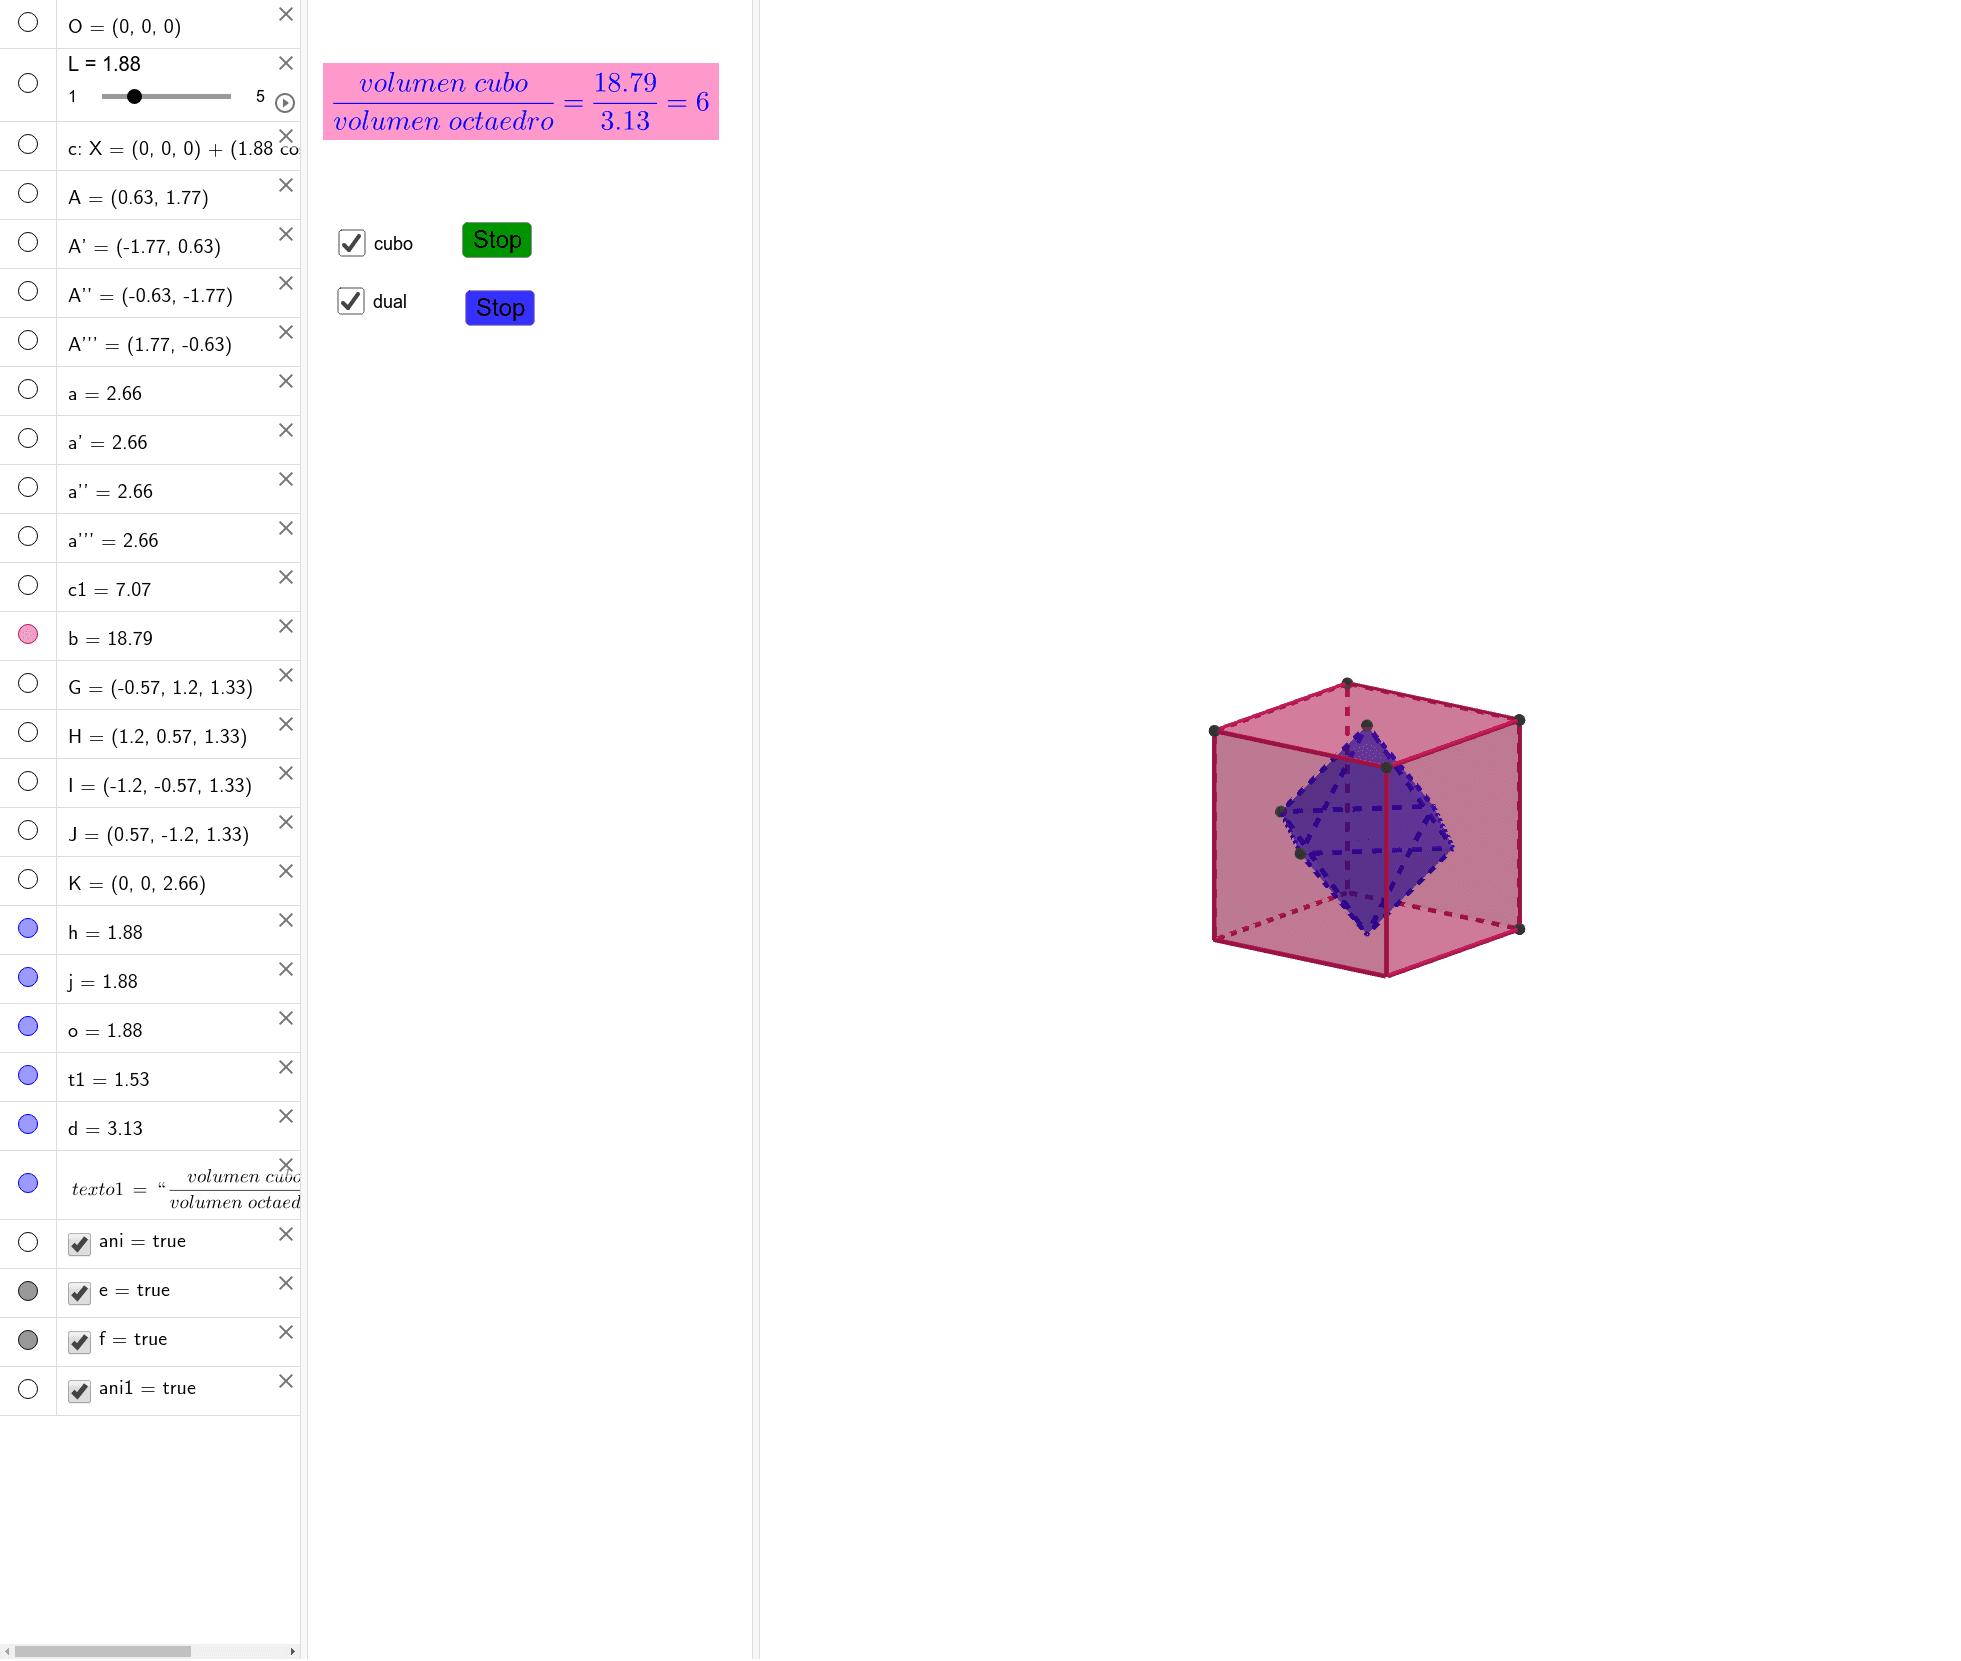 ¿Cuáles son los duales de cada uno de los sólidos platónicos? ¿Qué relación existe entre sus volúmenes? Presiona Intro para comenzar la actividad